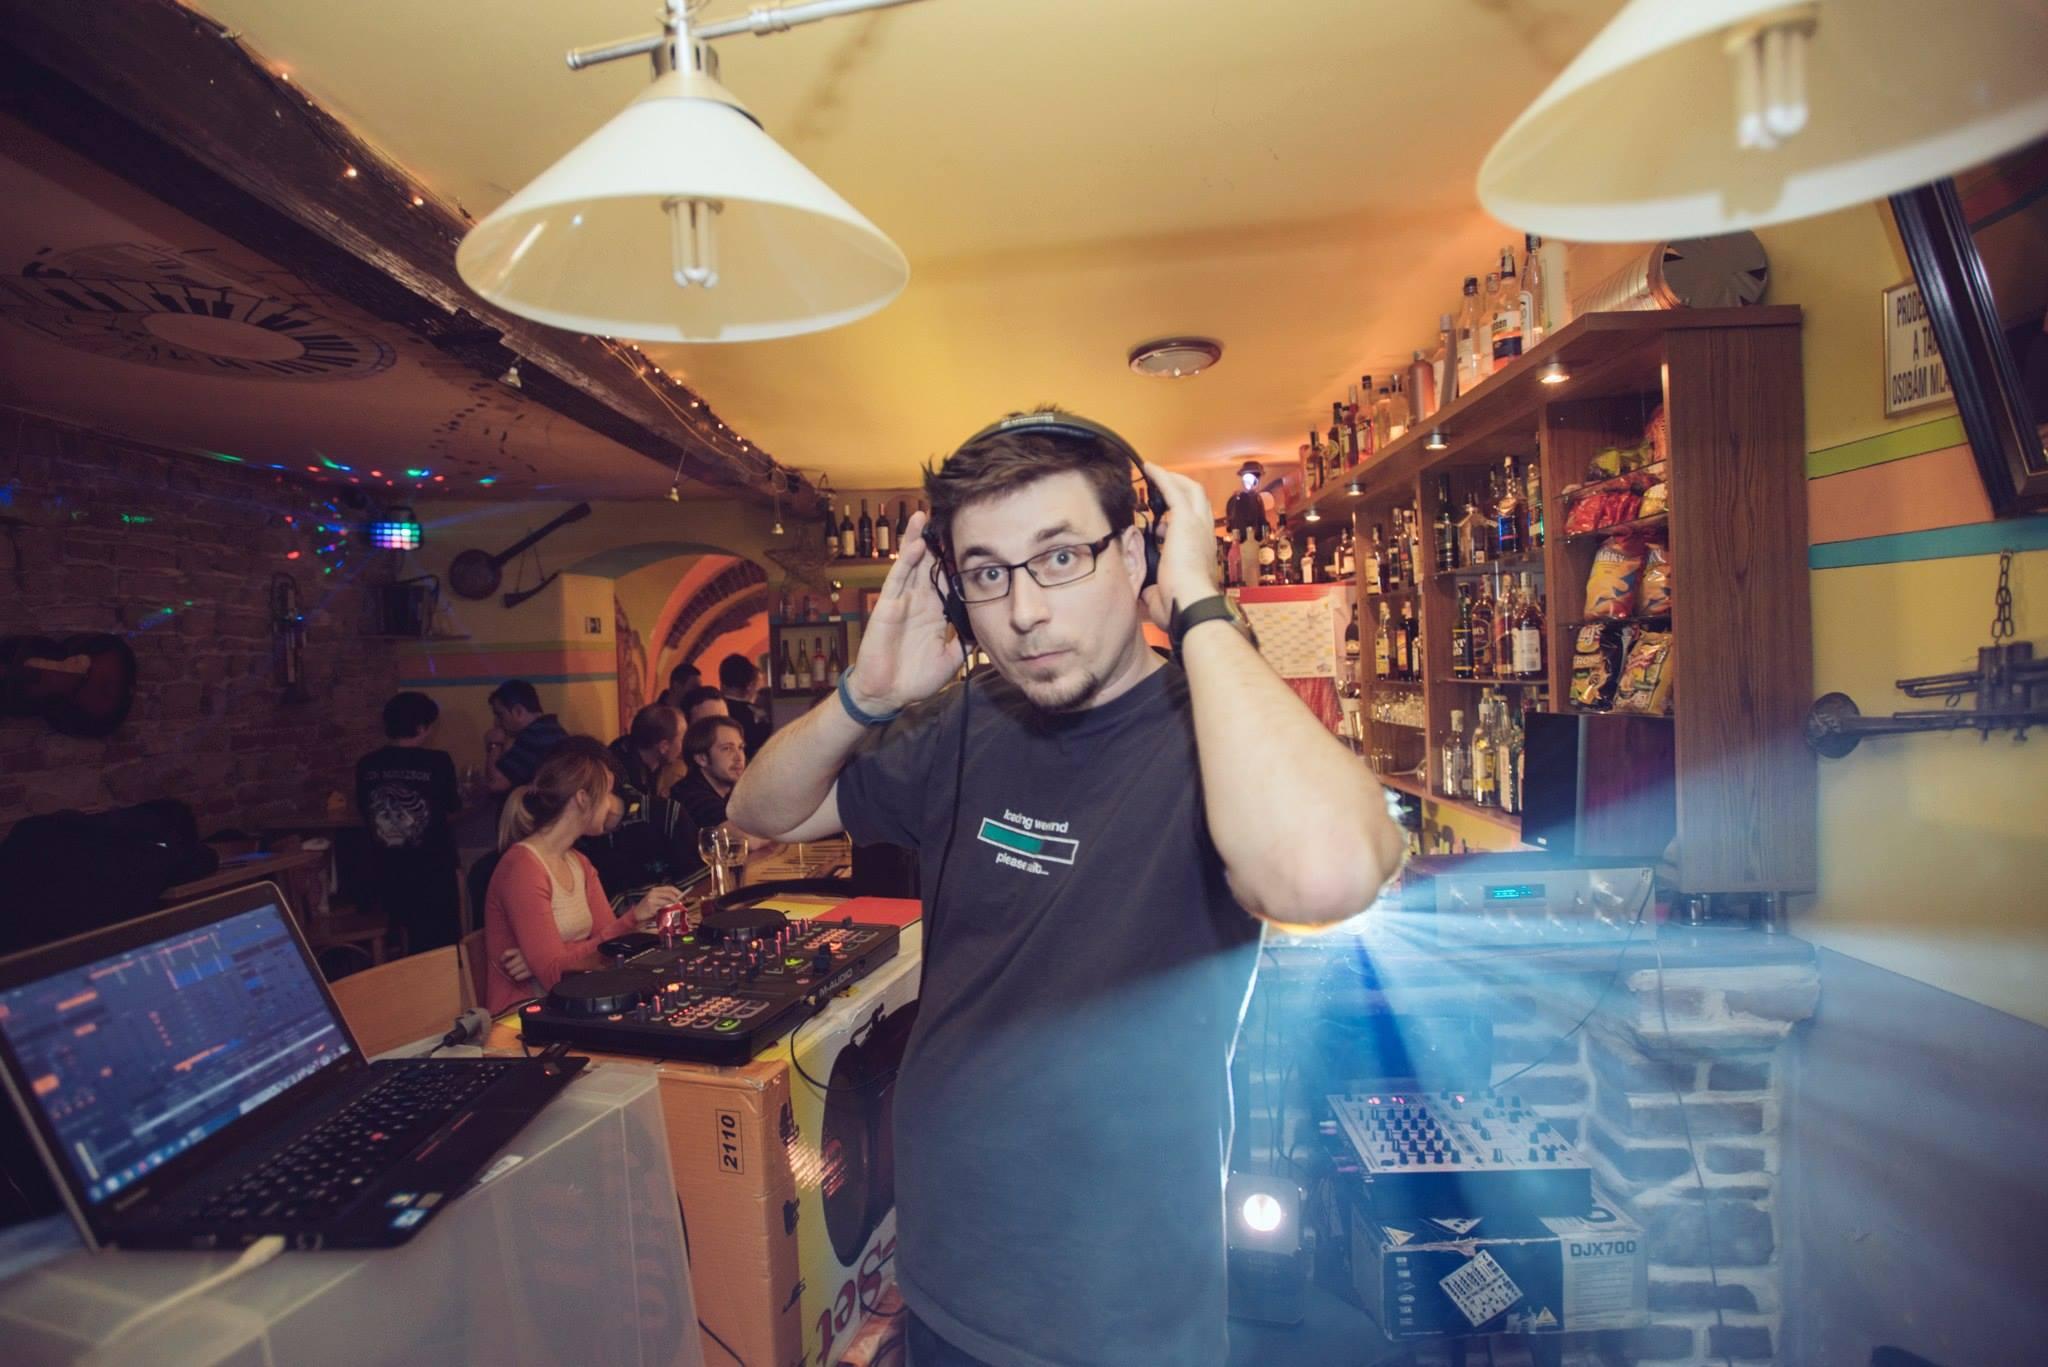 Takže něco jako DJ Gyd Zdeněk Dvořák (www.linki.cz). Kromě odkazů miluje hudbu.